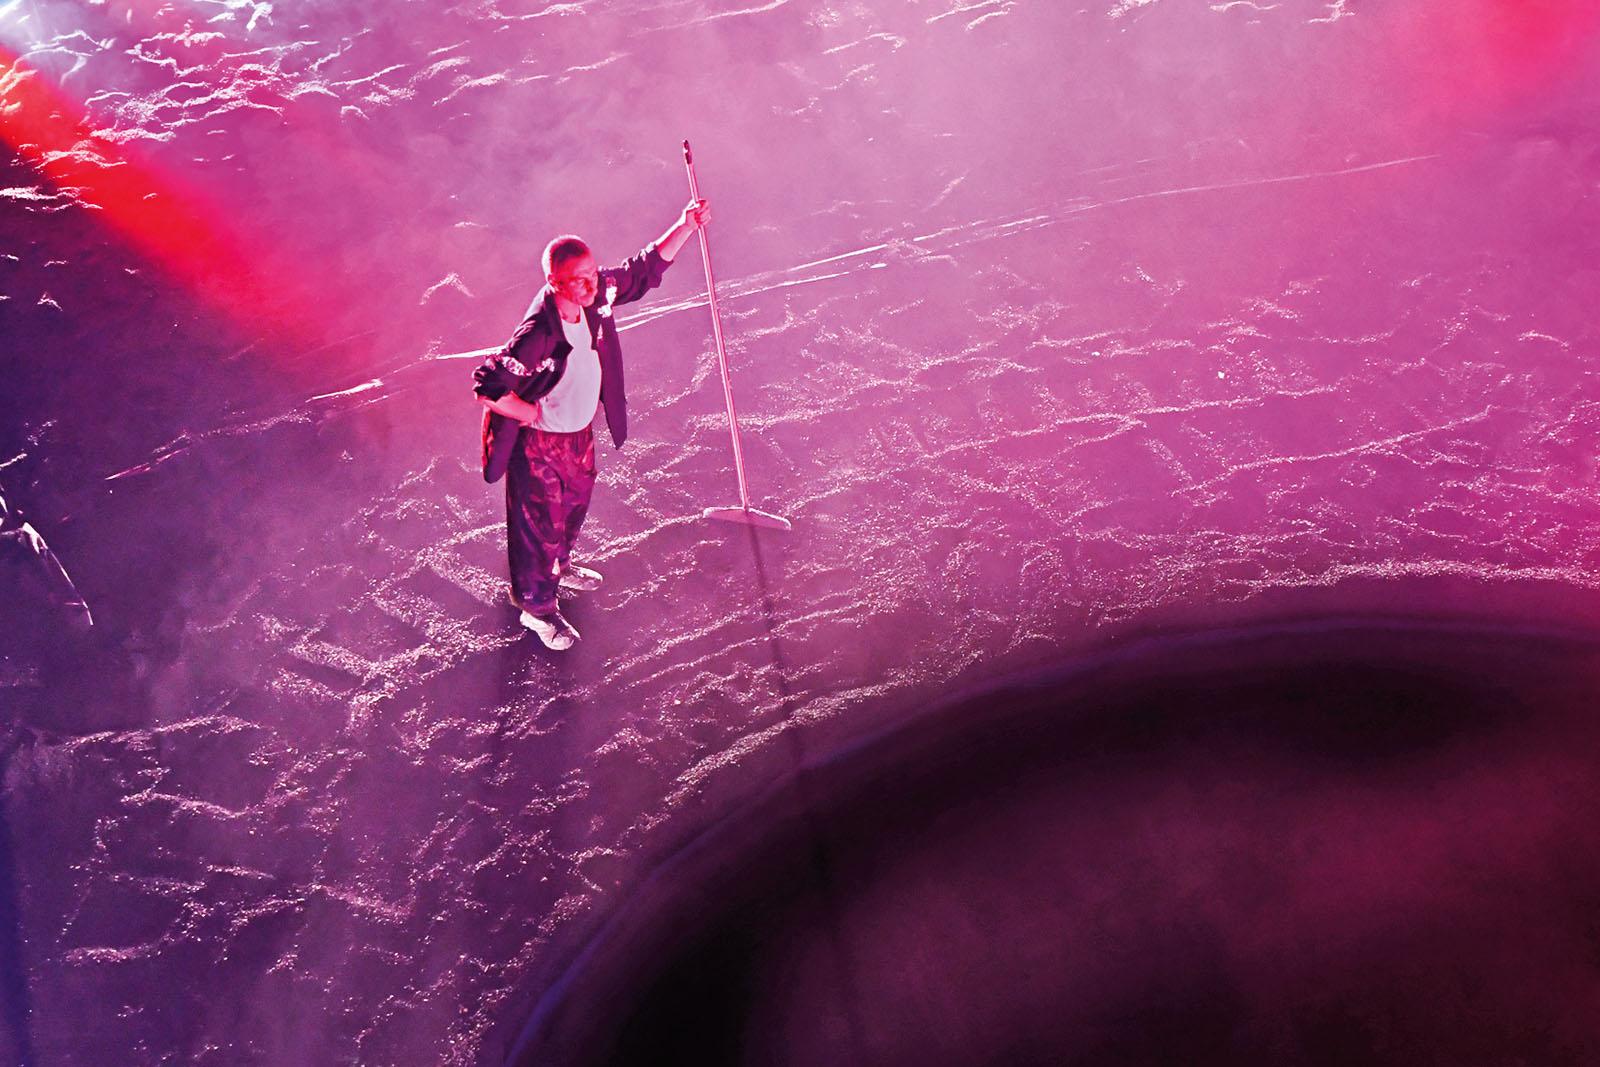 PÚBLICO - À volta de um buraco negro está o teatro em queda livre